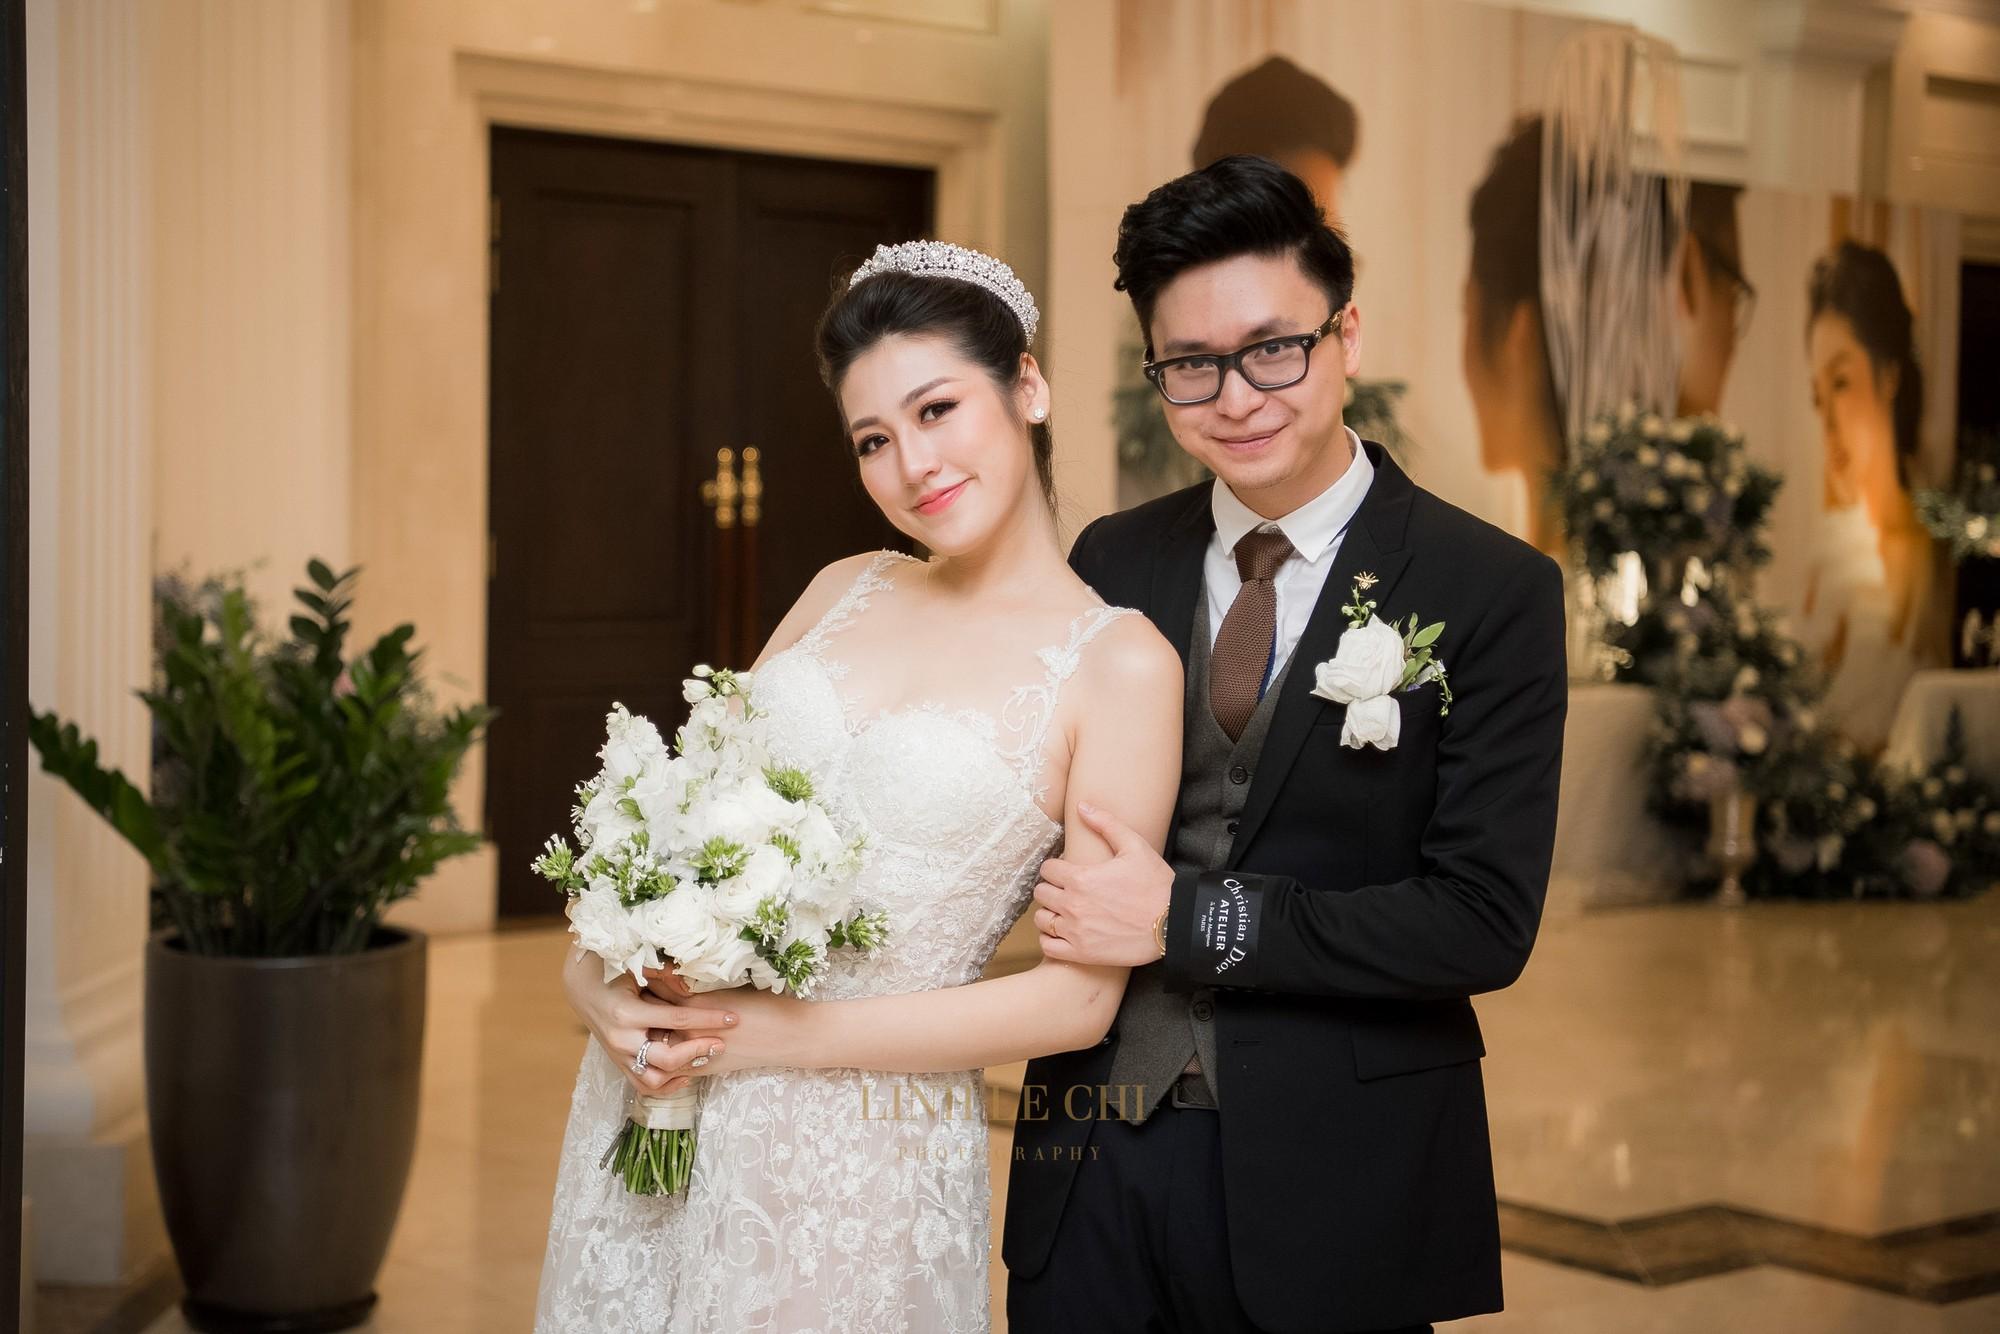 Ảnh đẹp: Á hậu Tú Anh nũng nịu ôm chặt ông xã trong tiệc cưới sang trọng ở Hà Nội - Ảnh 18.